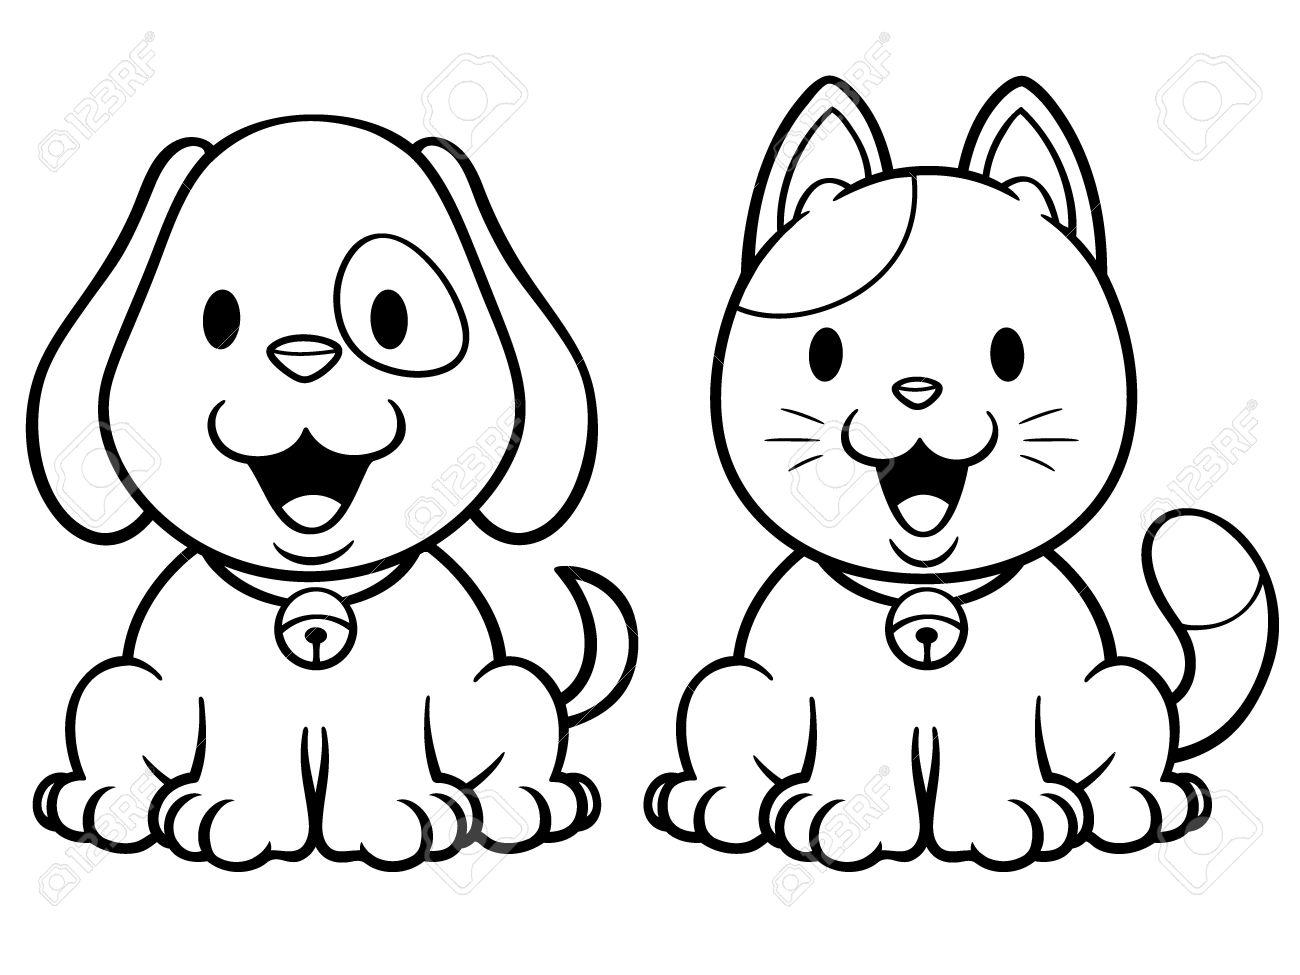 Dibujos Para Colorear Gatos Y Perros. Latest Colorear Gato Dibujos ...